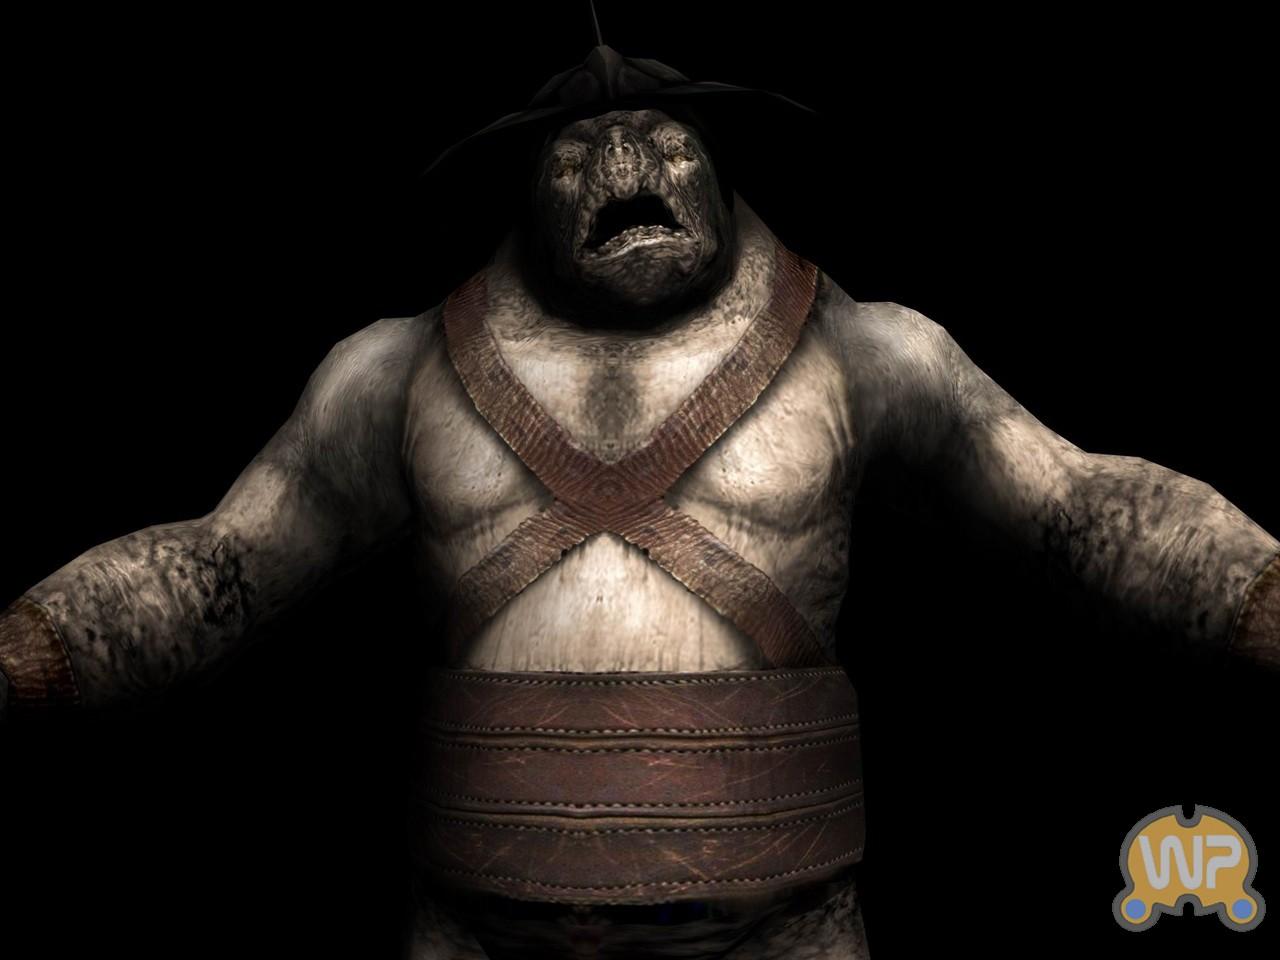 《指环王:中土之战2》巨人设定图